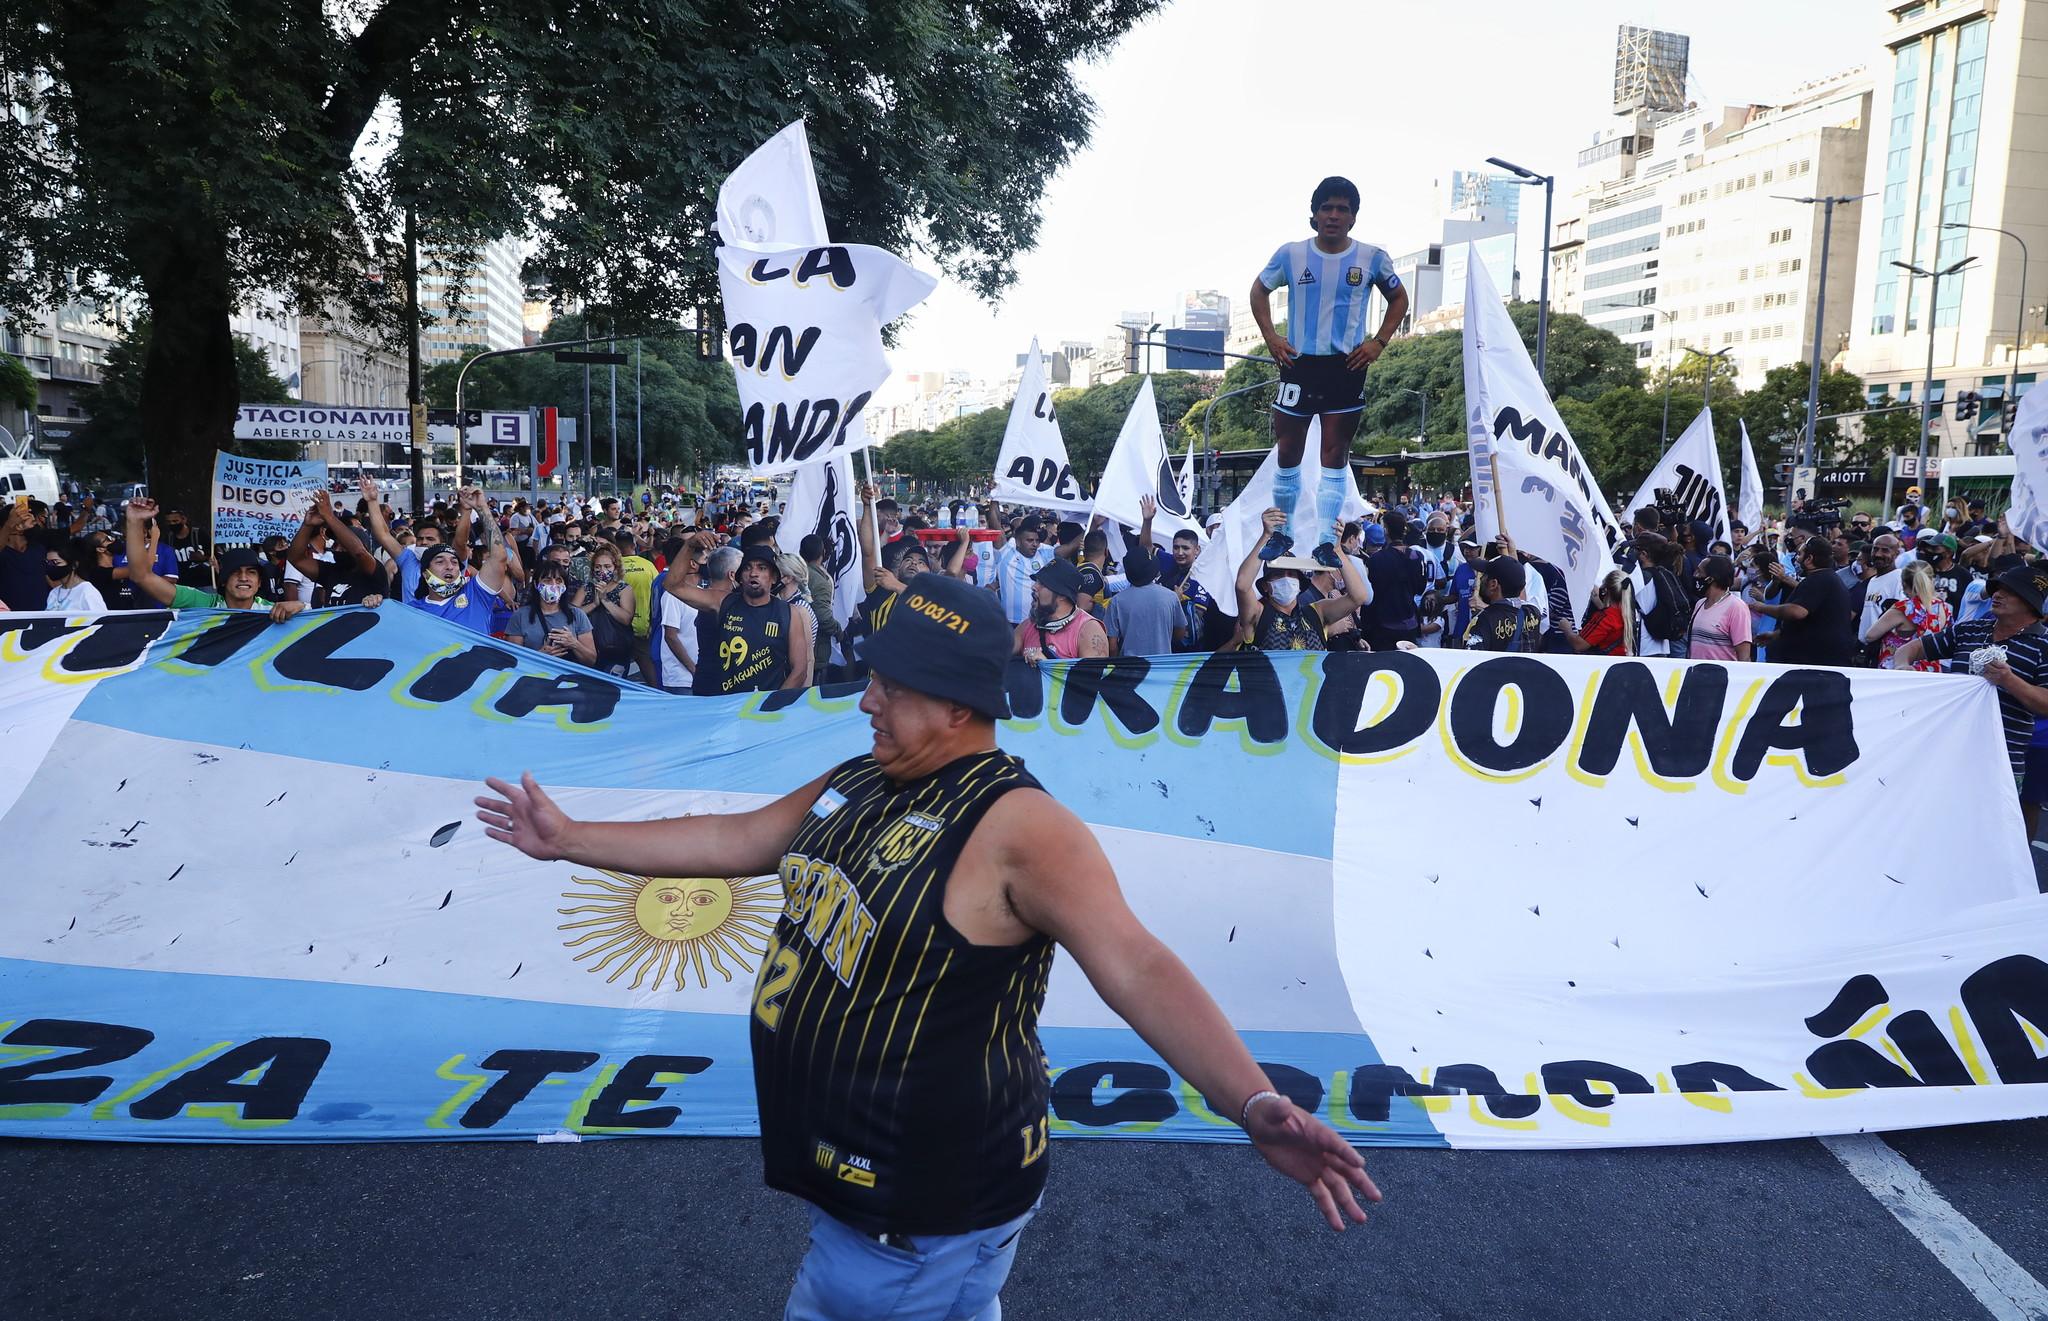 """Maradona, a Buenos Aires una marcia pacifica: """"Giustizia per Diego, lo hanno ucciso"""""""